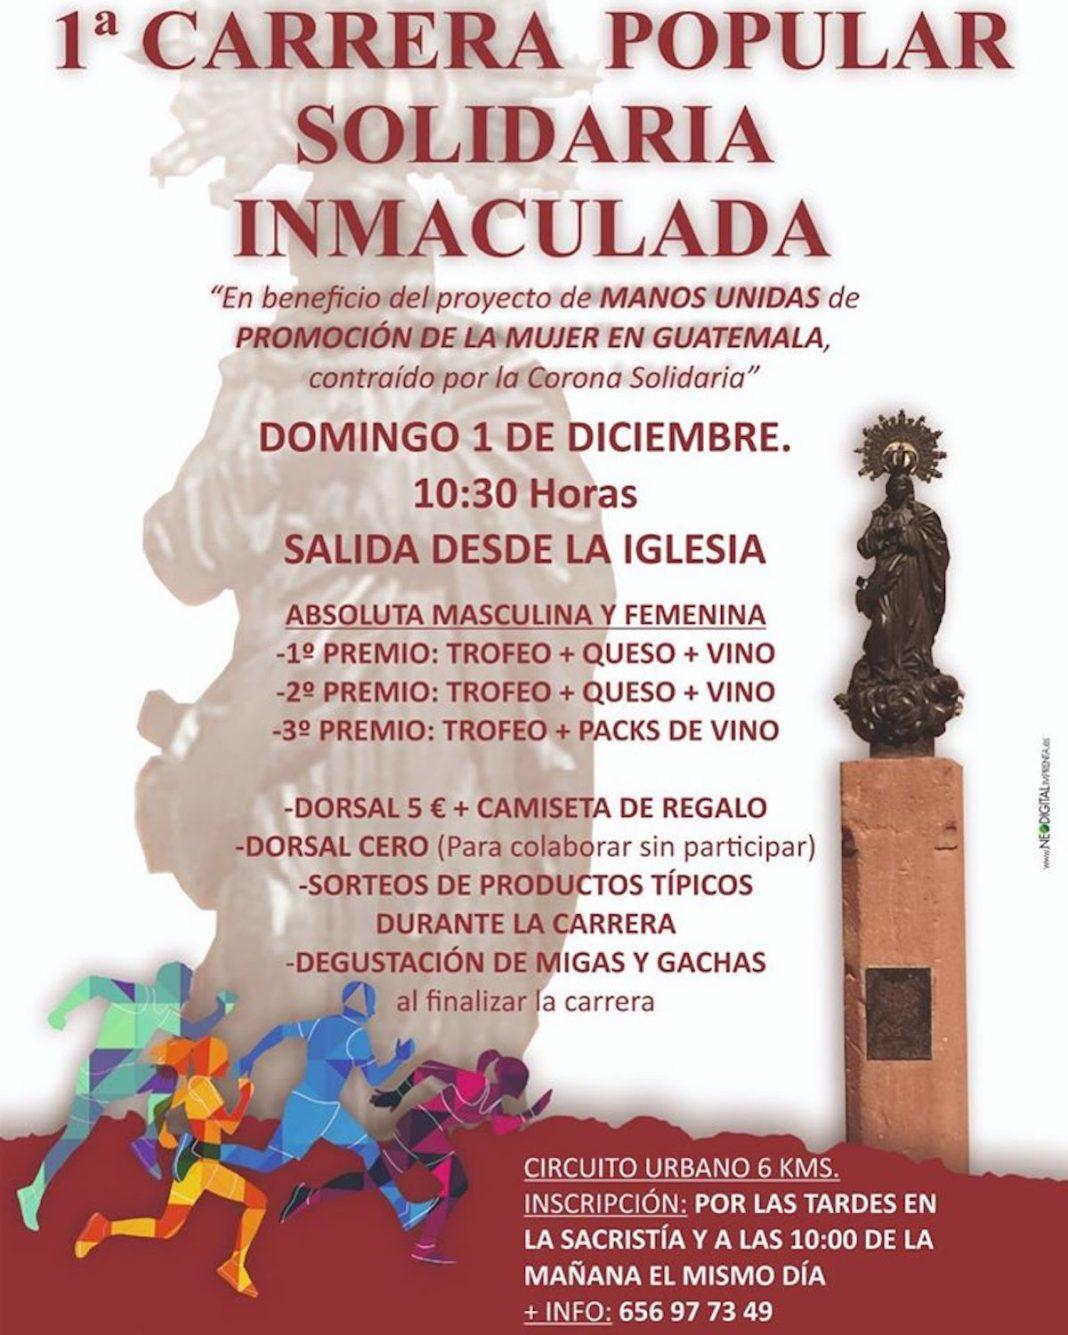 1ª Carrera Popular Solidaria Inmaculada el próximo 1 de diciembre 4